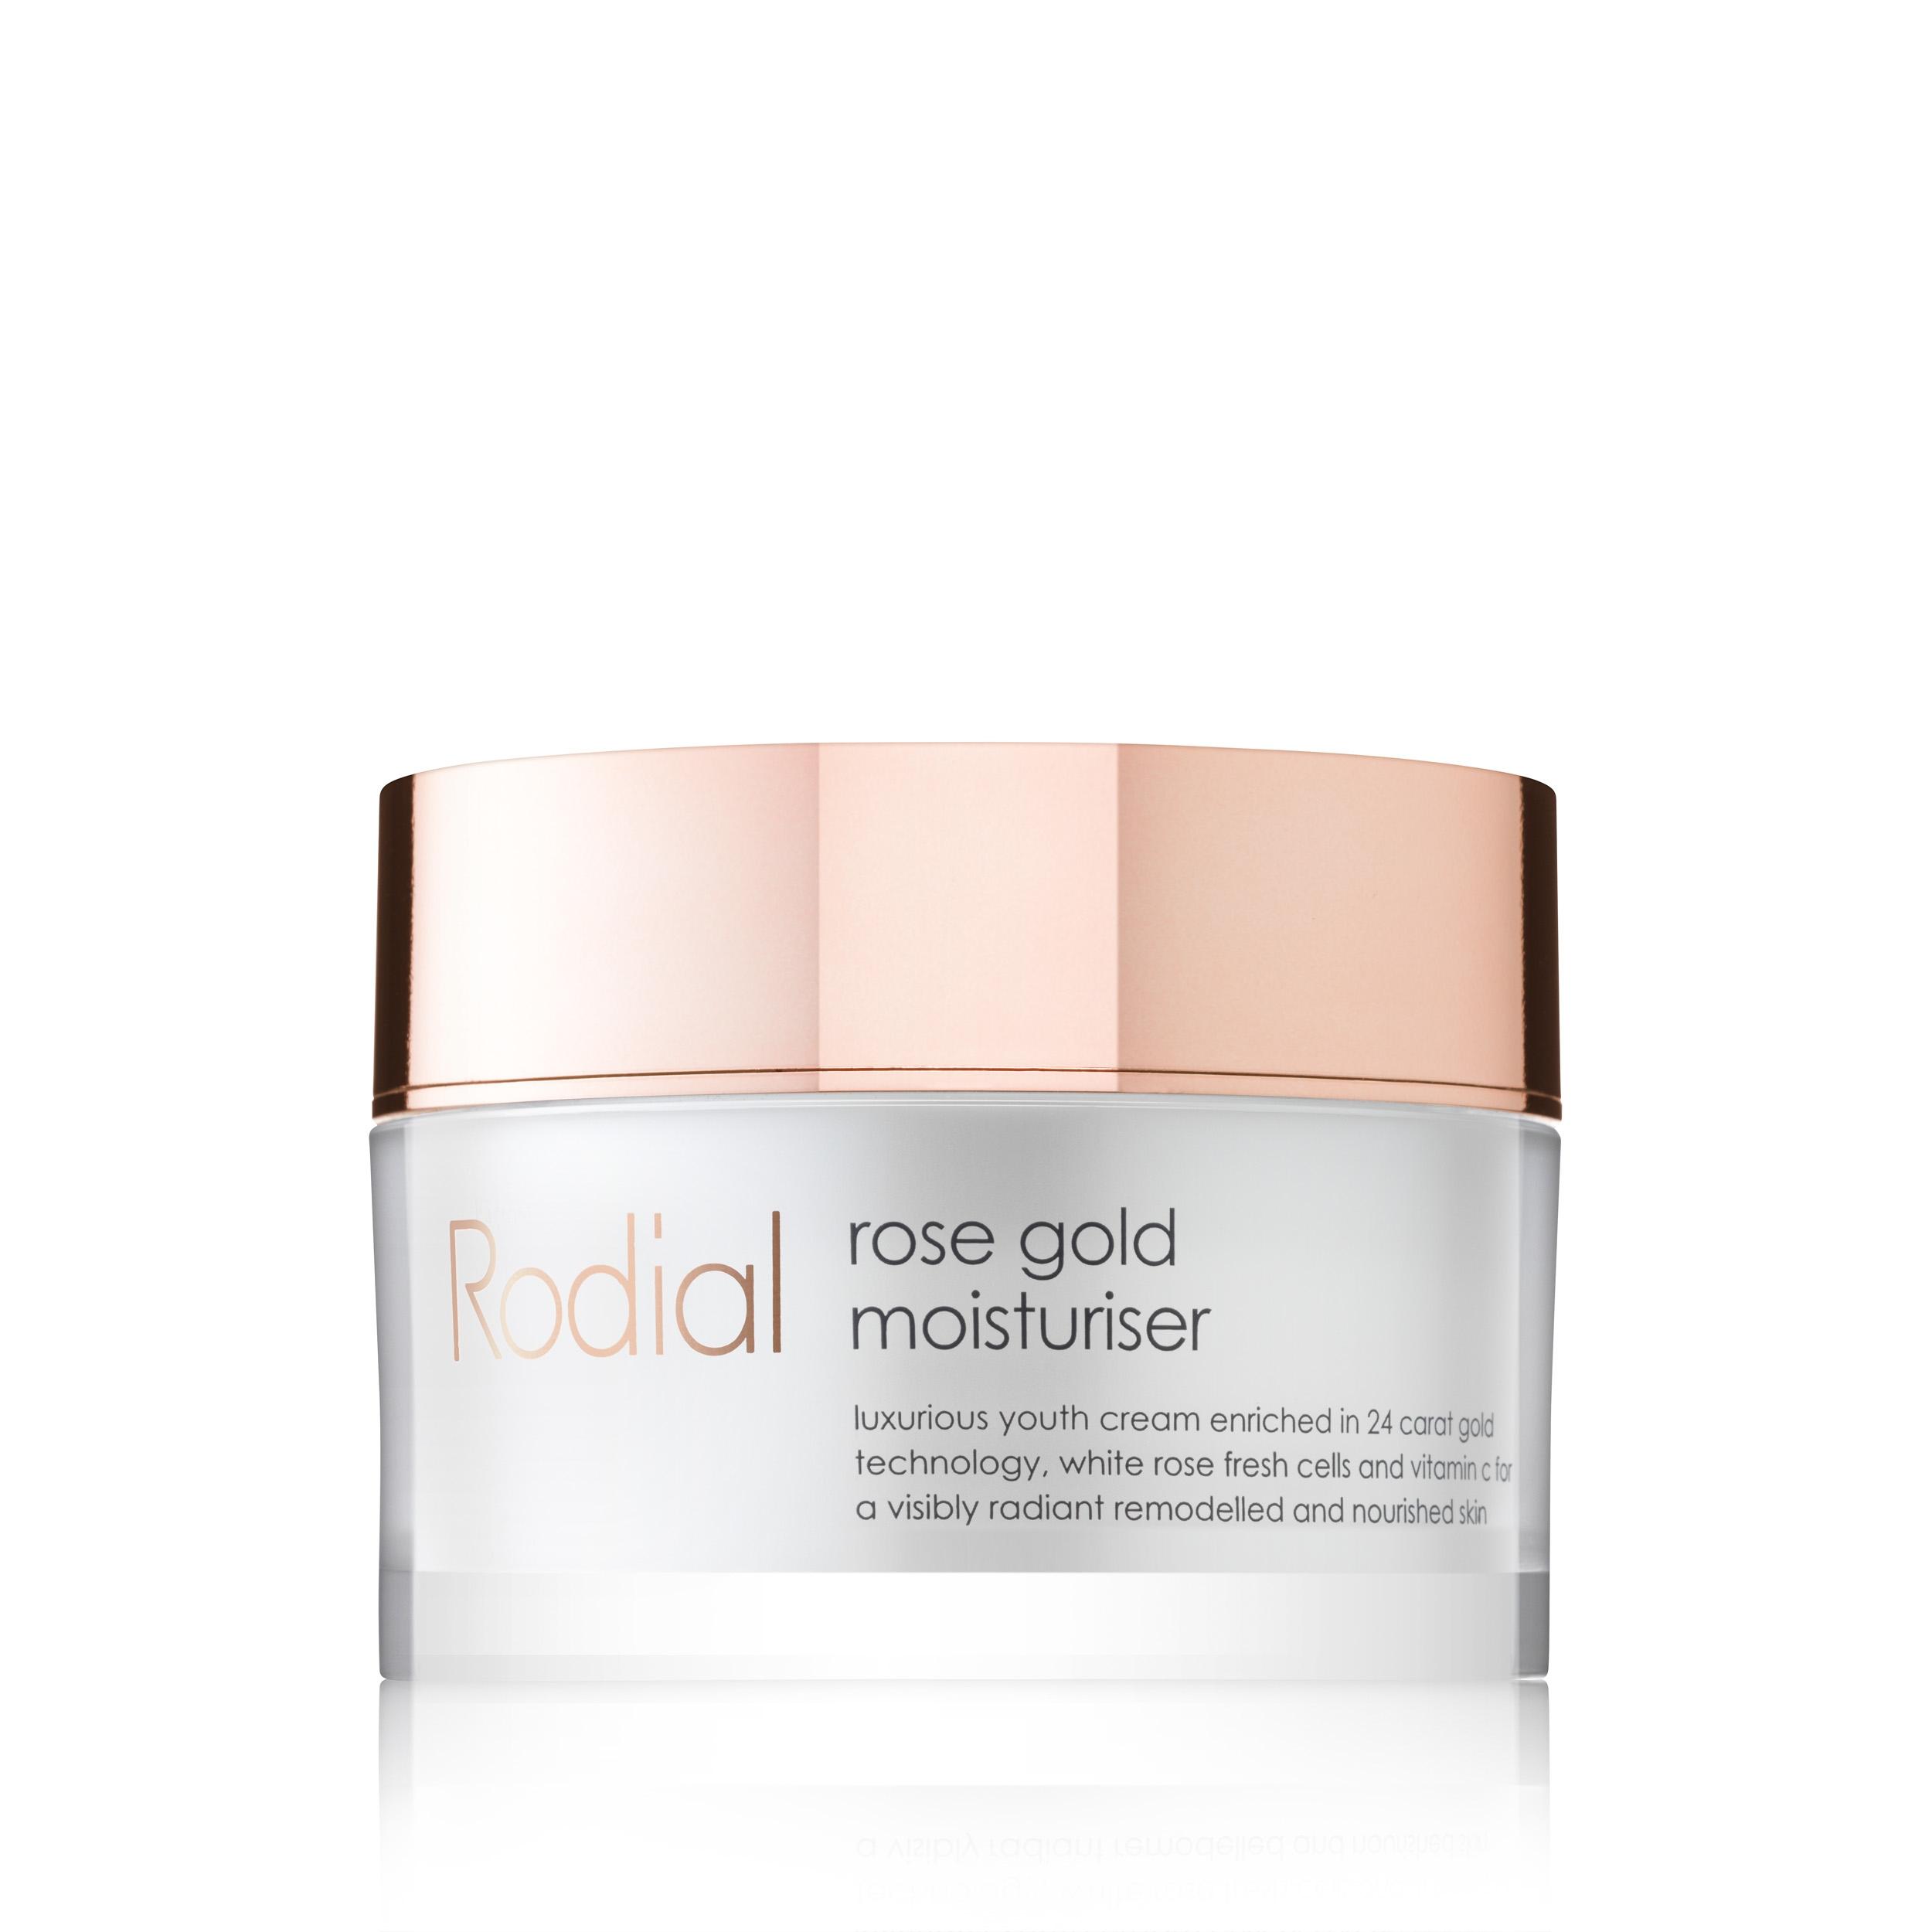 rose_gold_moisturiser-50ml-web.jpg